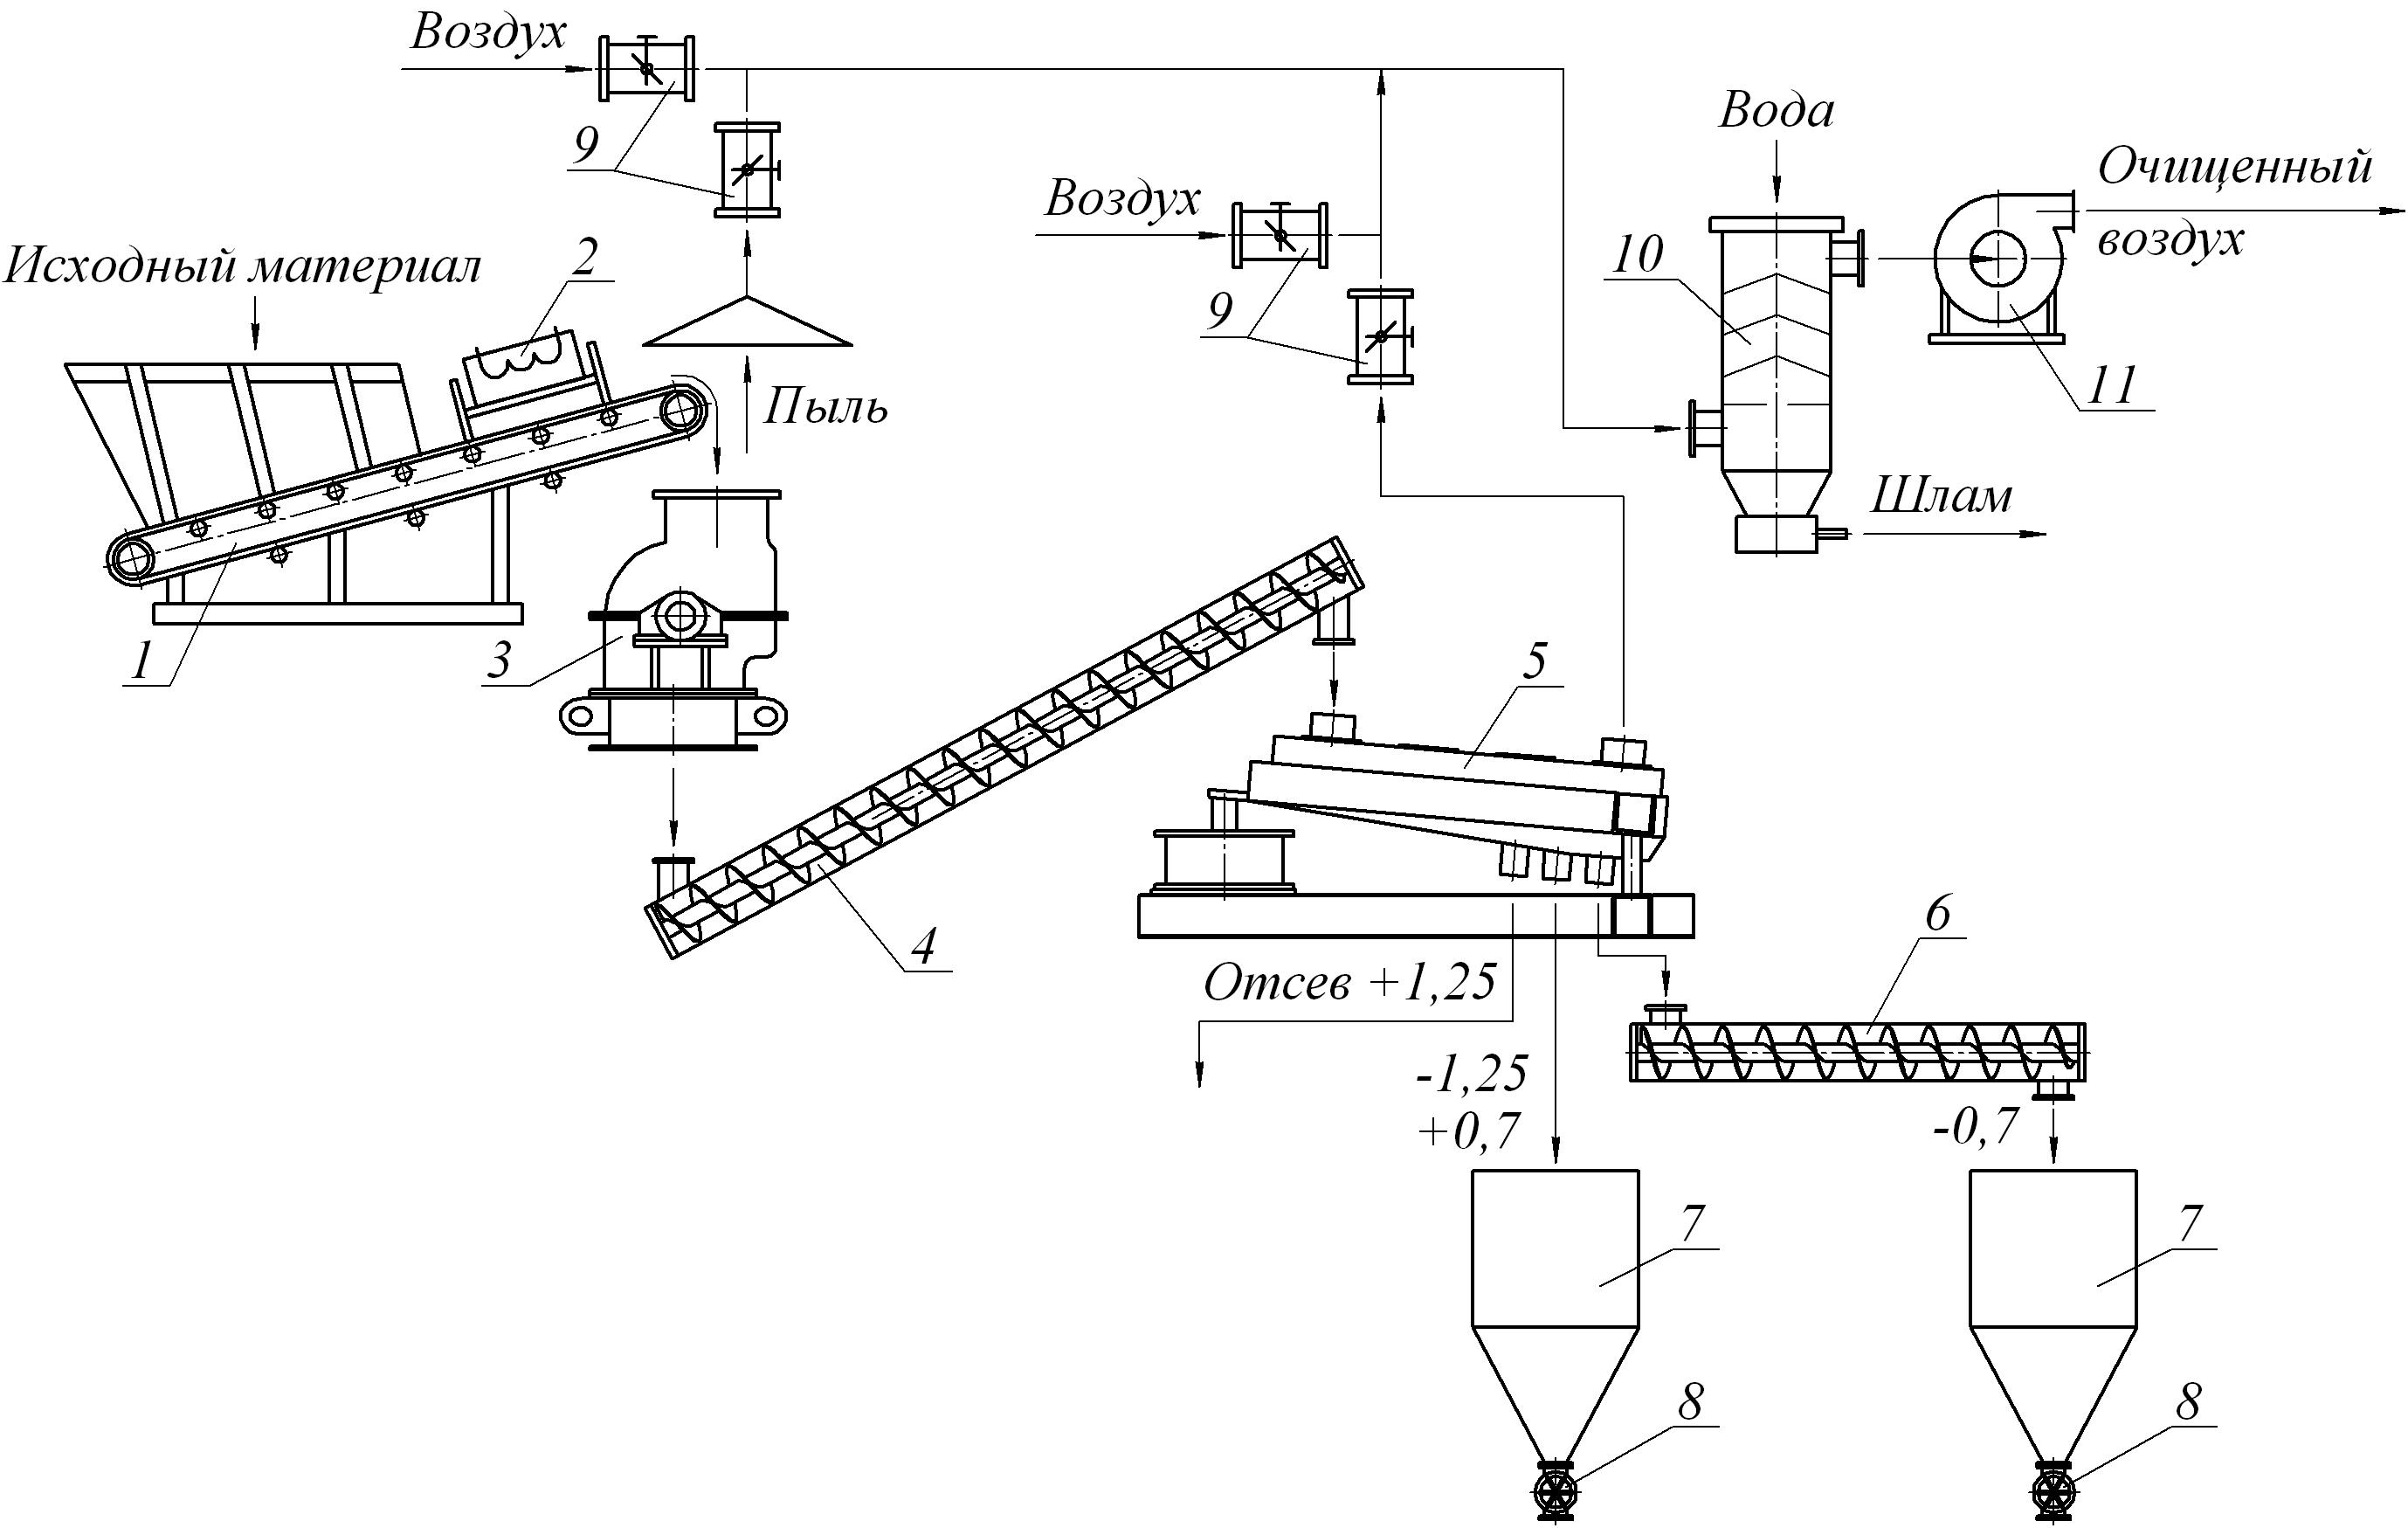 Схема линии по измельчению и классификации песчано-гравийной смеси